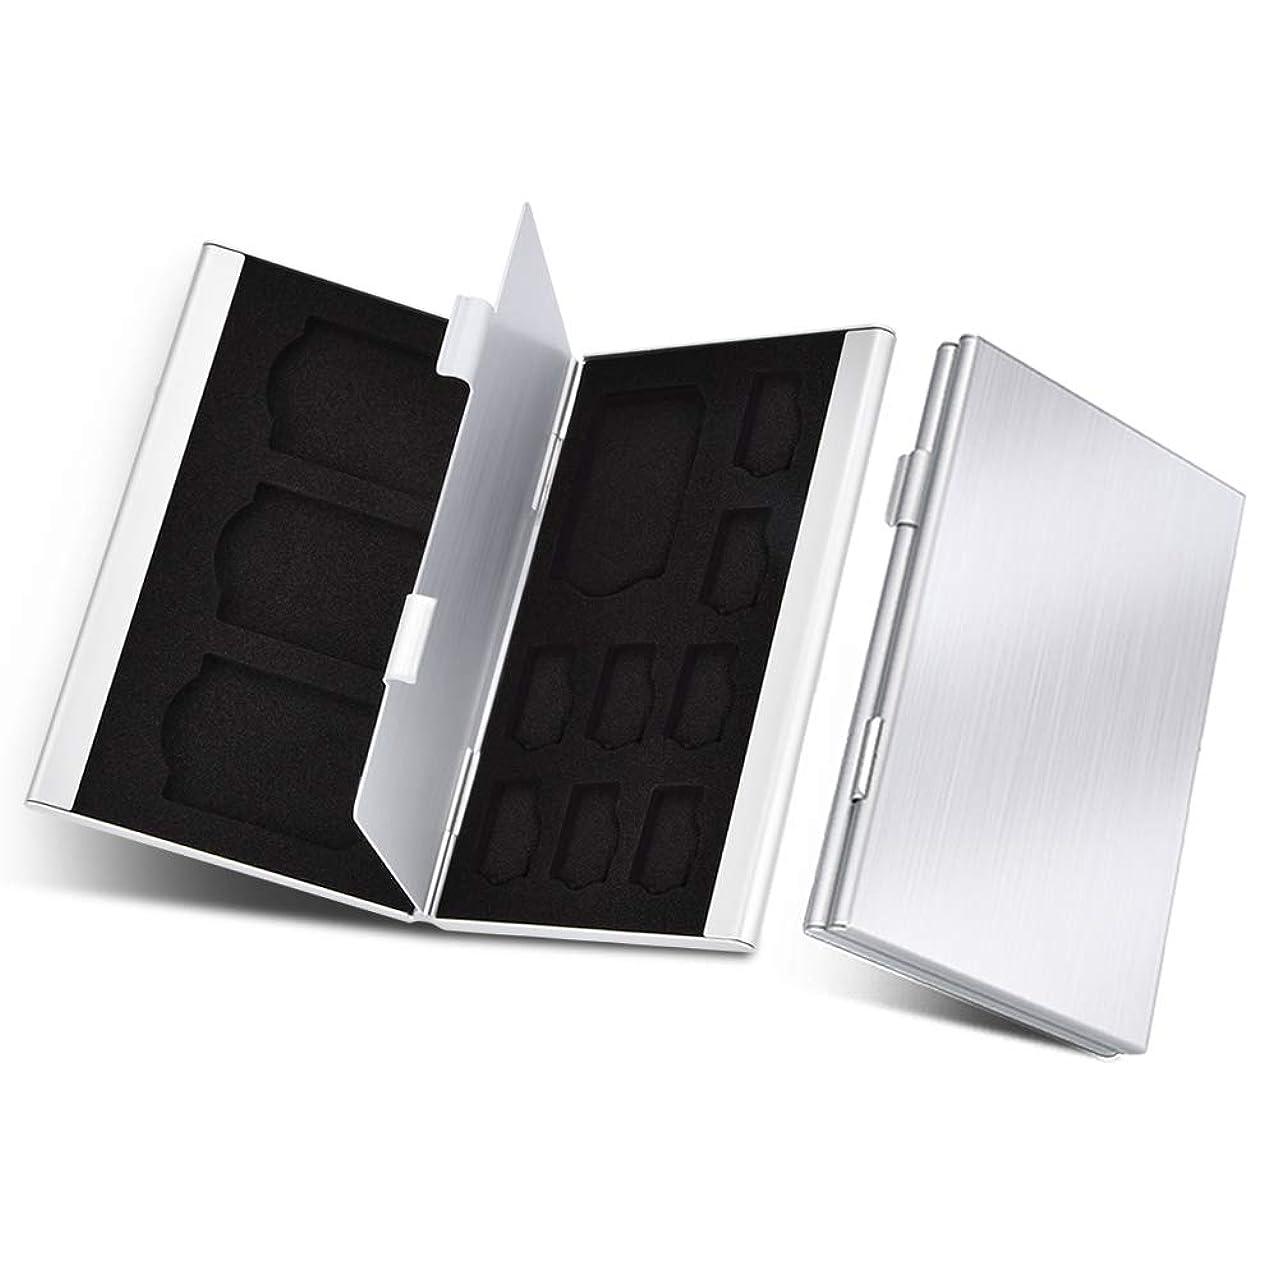 親指まともな退化するUTEBIT SDカードケース アルミ製 銀色「2点セット」薄型 大容量 microSDカード TFカード 両面収納 12 スロット メモリーカードCase 小型 マイクロカード 保護 専用 コンパクト メディアケース 軽量 持ち運びやすい シルバー